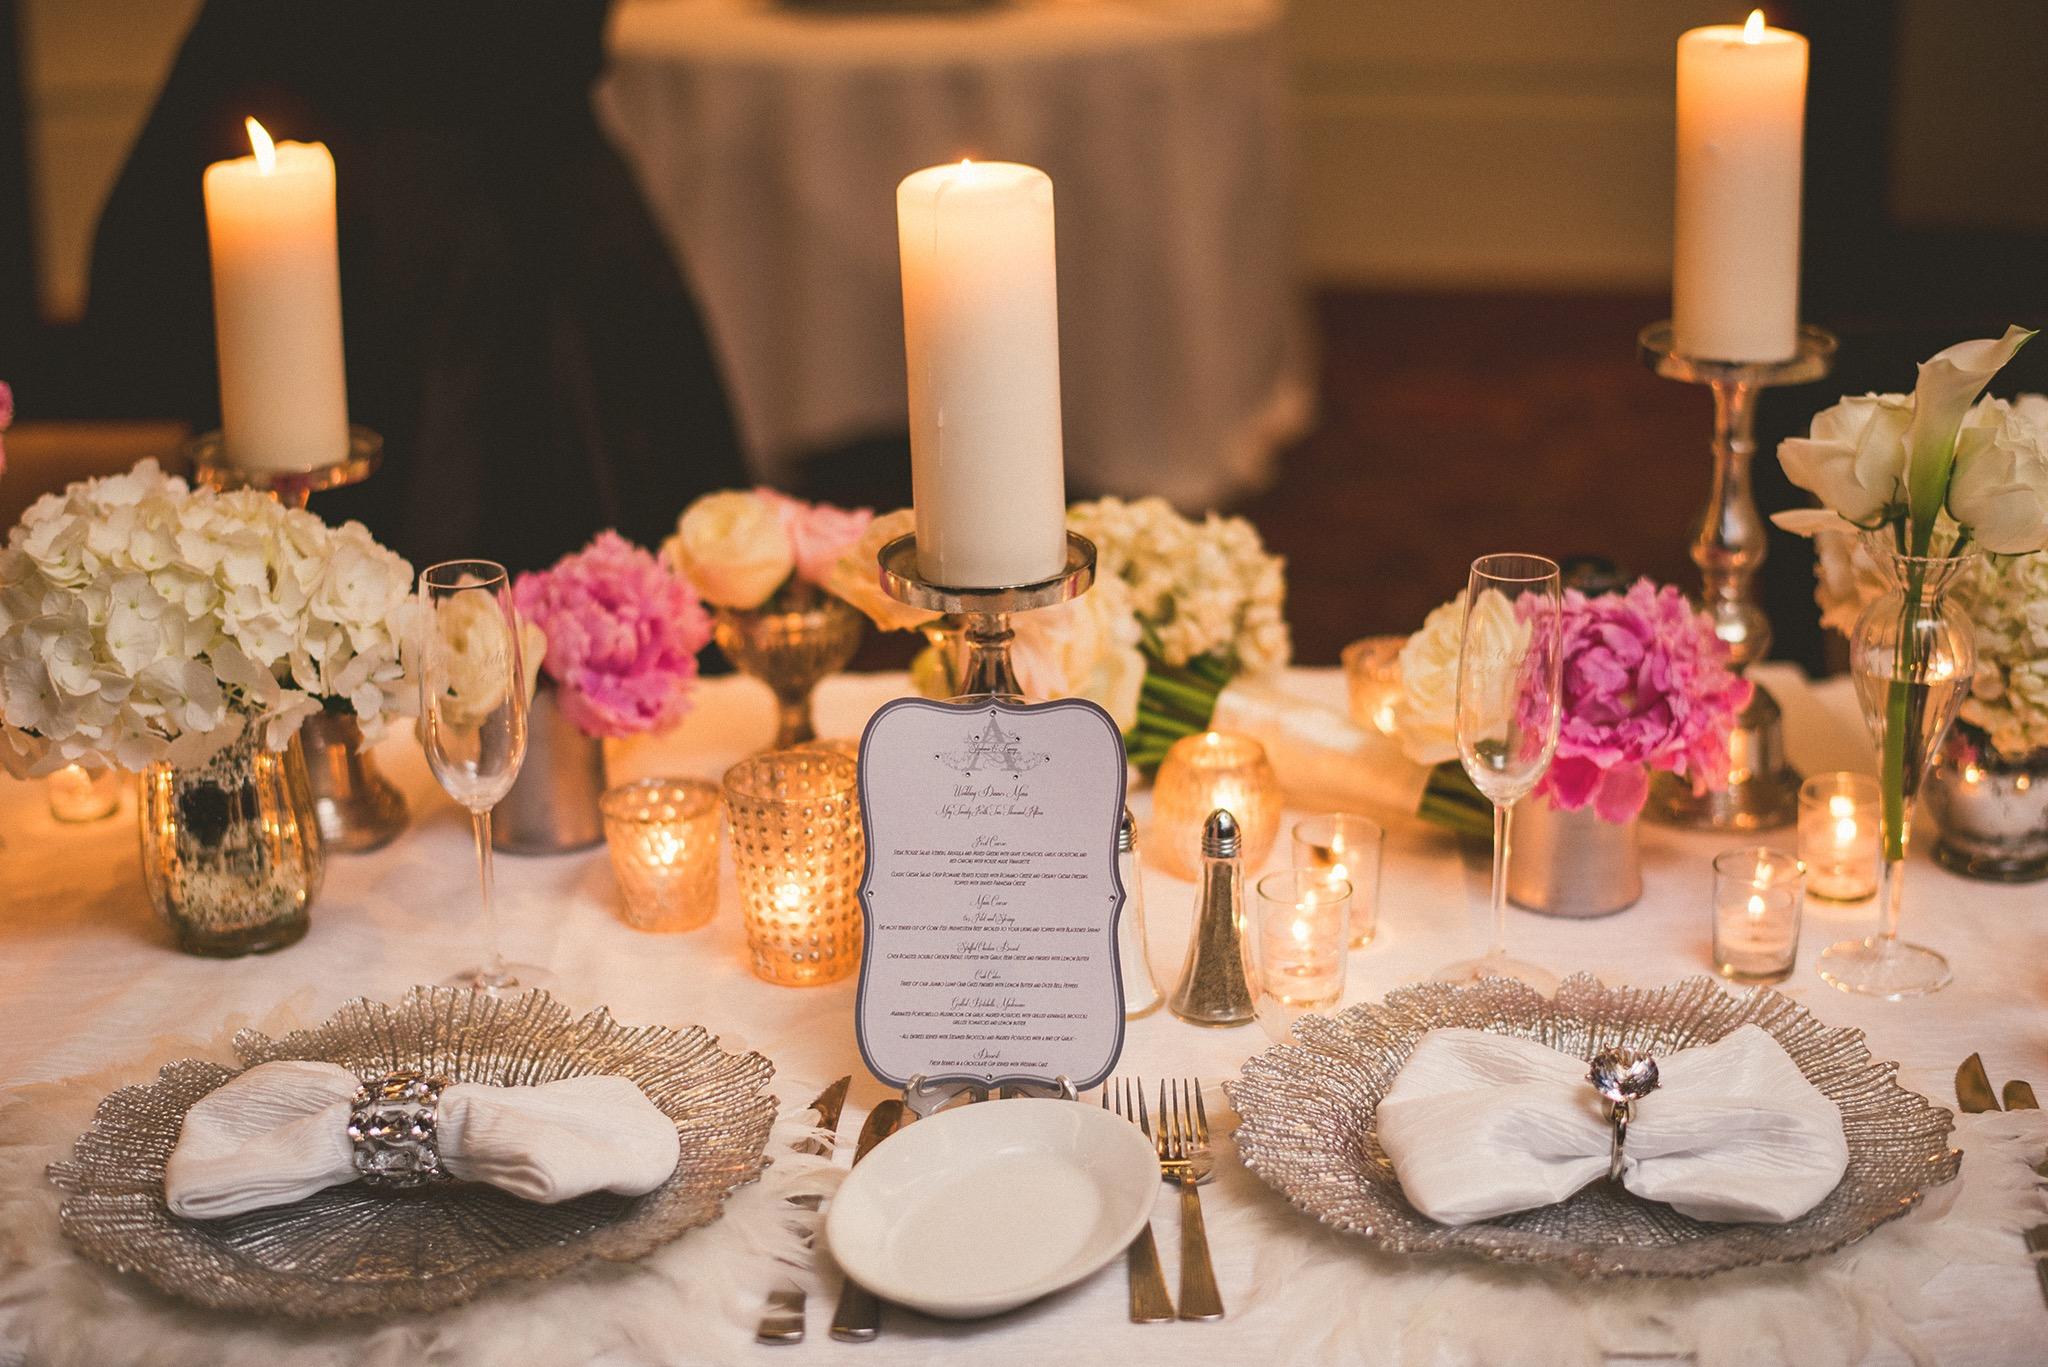 69-bride-groom-handmade-table-settings.jpg